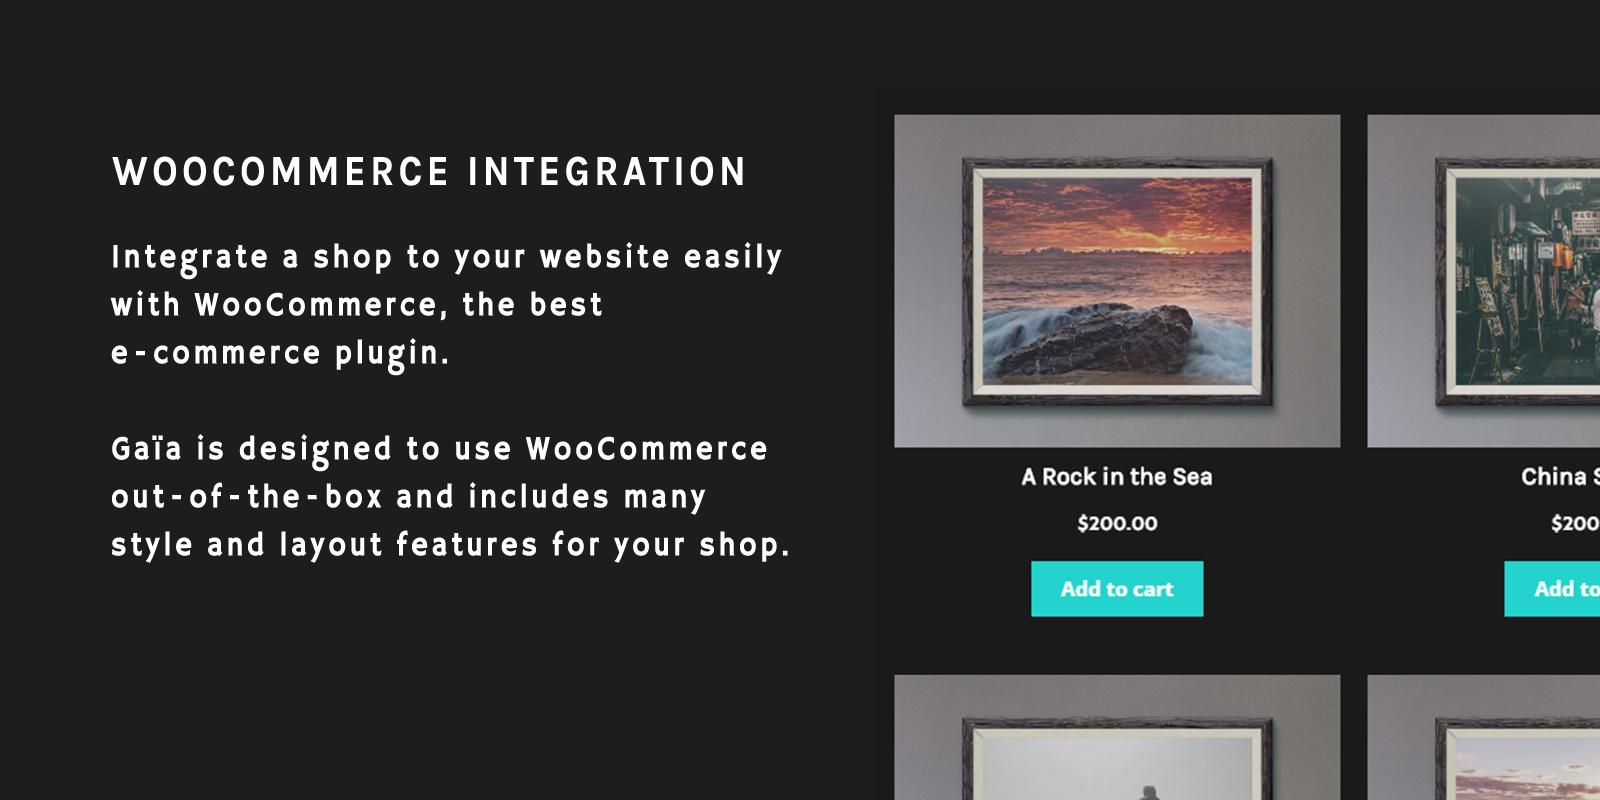 WooCommer Shop E-Commerce